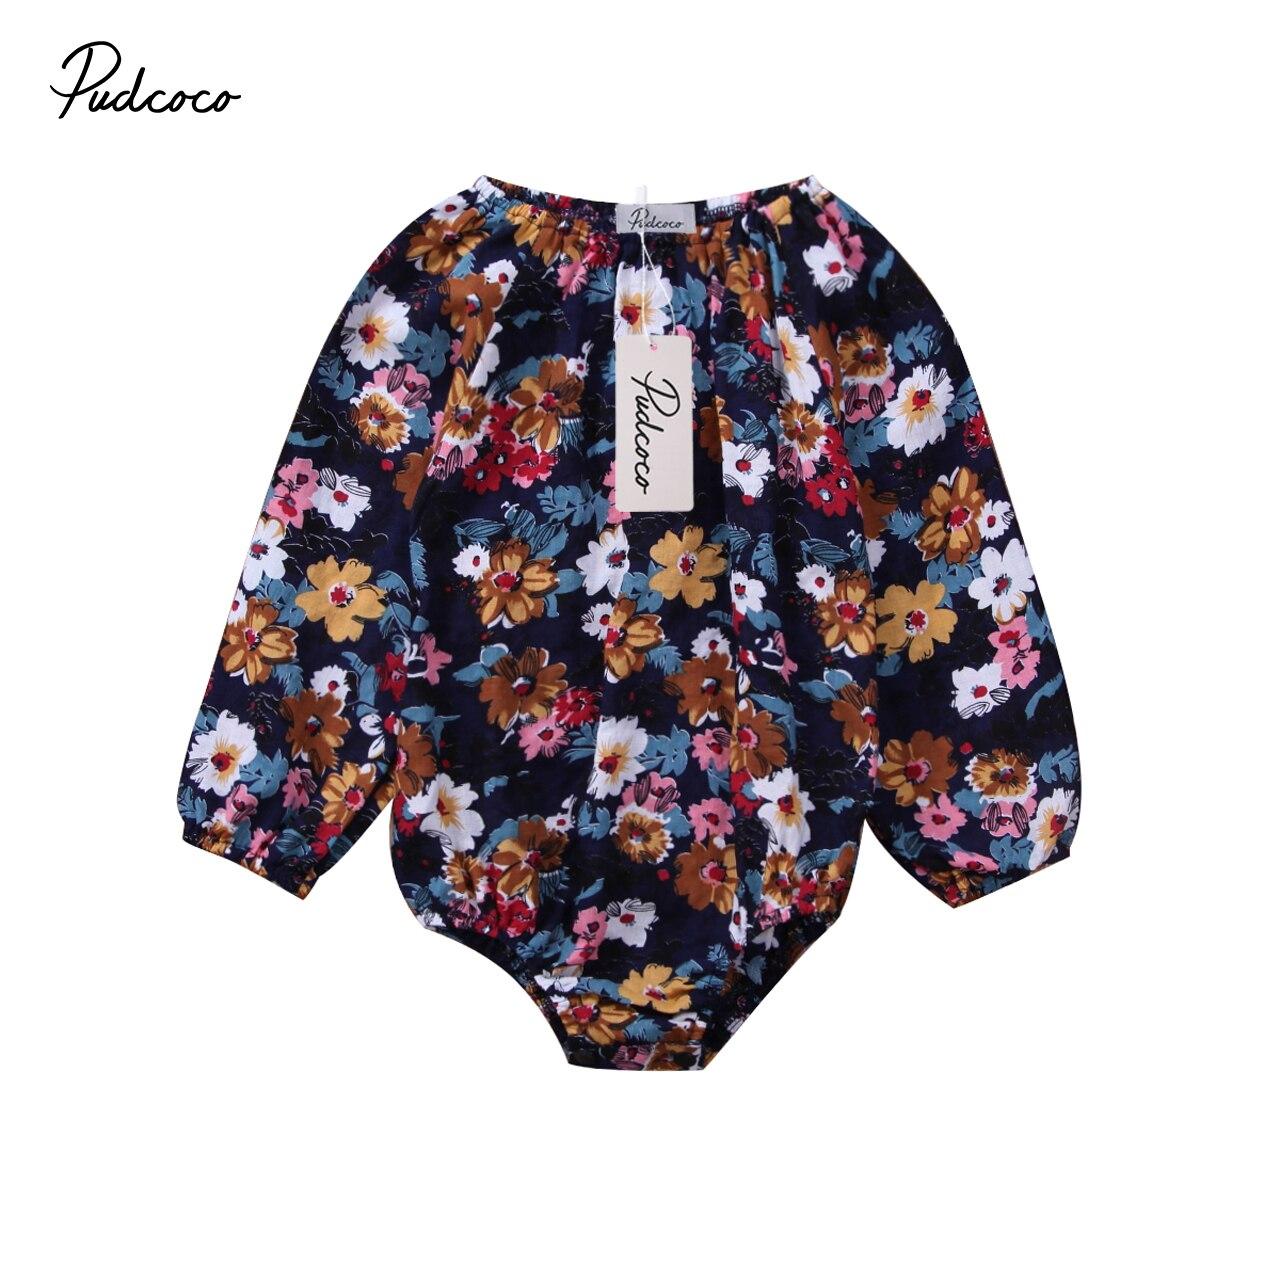 87cc403e7 Pudcoco recién nacido bebé niñas Floral Romper de manga larga Top mono  traje de bebé niñas pequeñas ropa de invierno